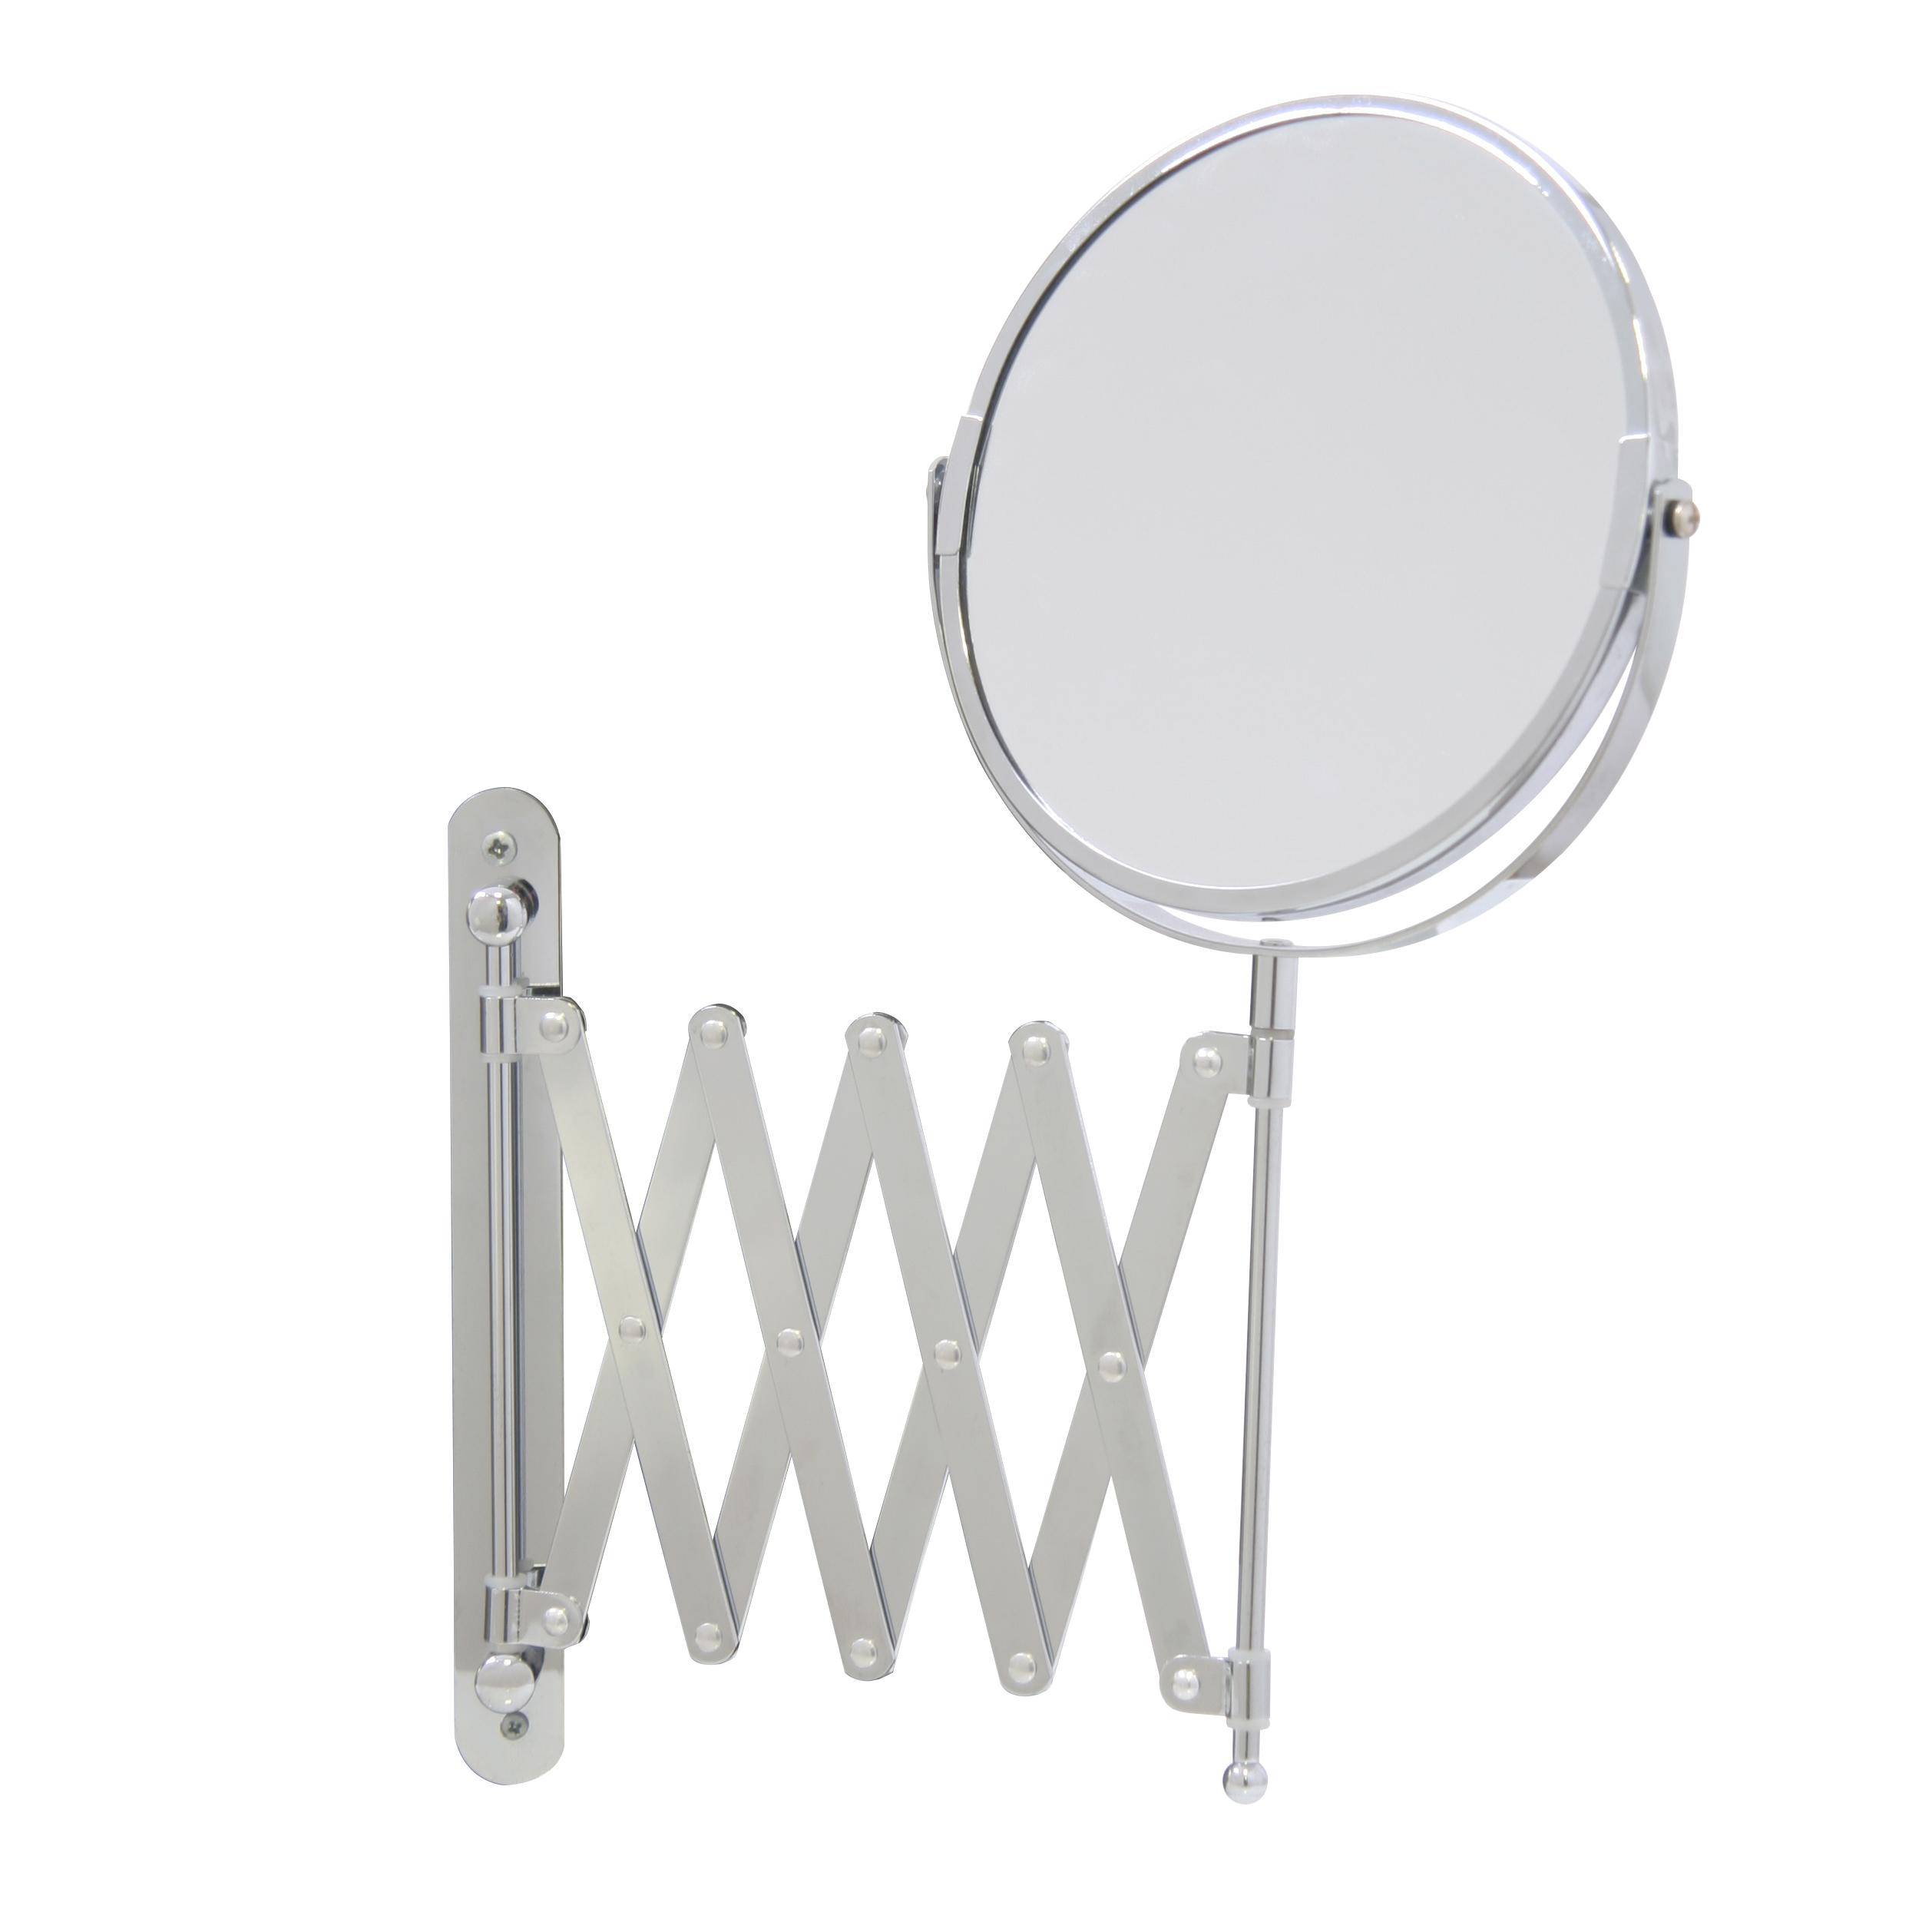 Зеркало косметическое Axentia, настенное, на вытягивающейся ручке, диаметр 17 см282802Двухстороннее косметическое зеркало Axentia с трехкратным увеличением с одной из сторон оснащено ручкой, которая вытягивается на 57 cм. Изделие идеально подойдет для косметических процедур, нанесения и снятия макияжа, коррекции бровей и многого другого. Компактные размеры и возможность разворота на 360 градусов создаст дополнительный комфорт при использовании данного аксессуара. Изделие крепится на стену с помощью шурупов (не входят в комплект). Диаметр зеркала: 17 см. Выдвижение ручки на 57 см.